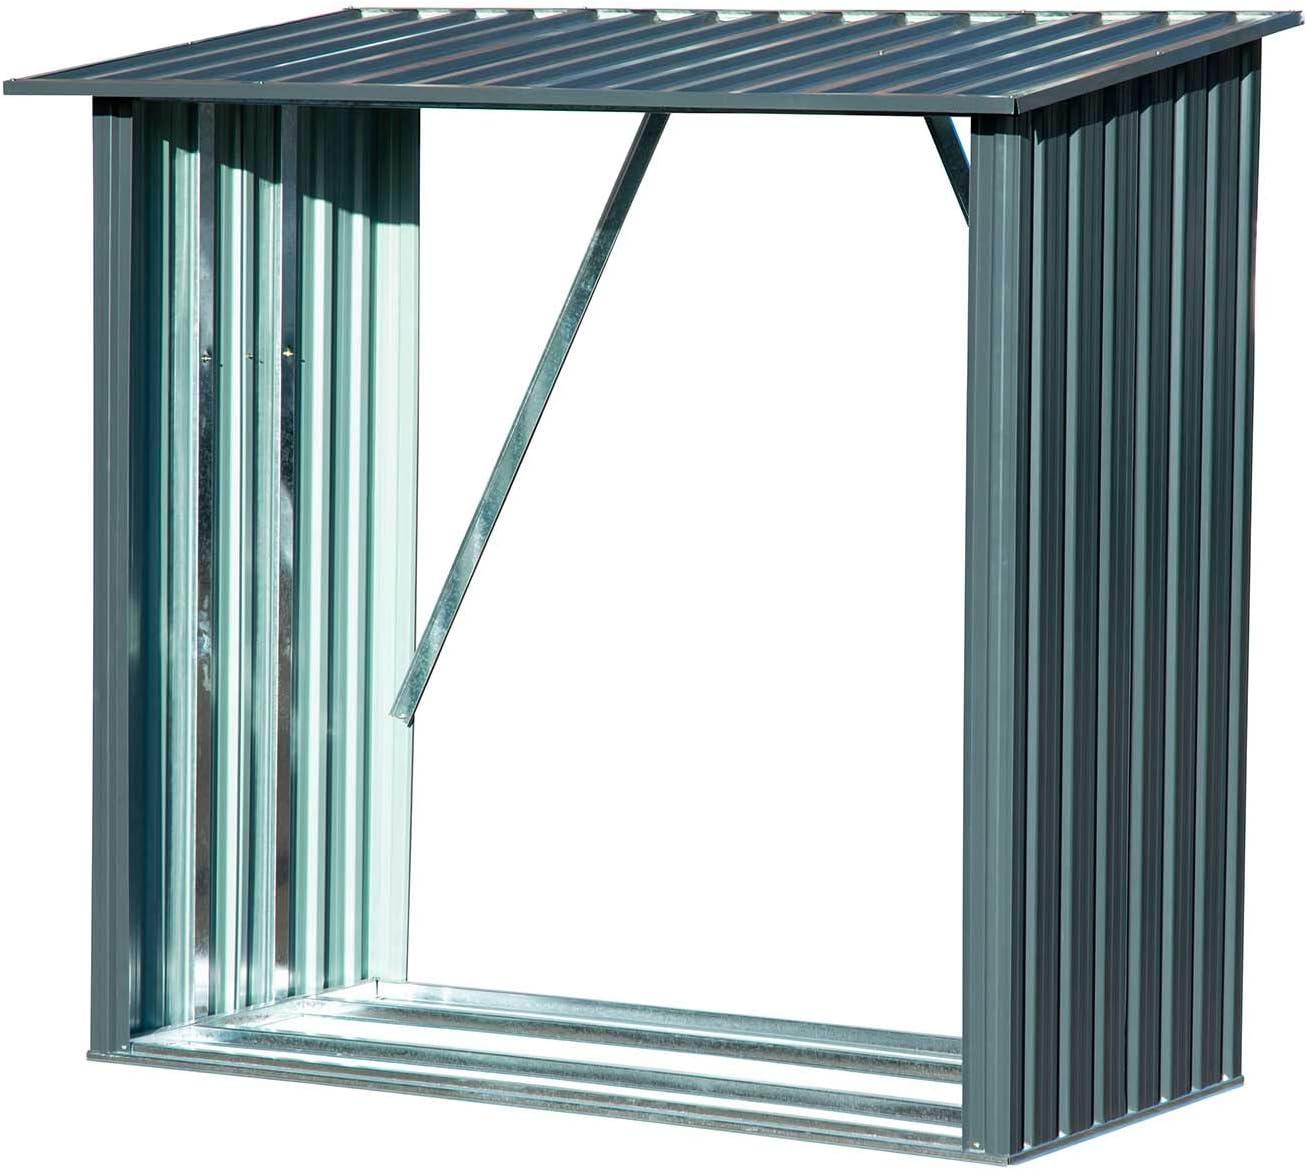 Leñero metálico Capacidad de Almacenamiento Aprox. 1,5 m³: Amazon.es: Jardín